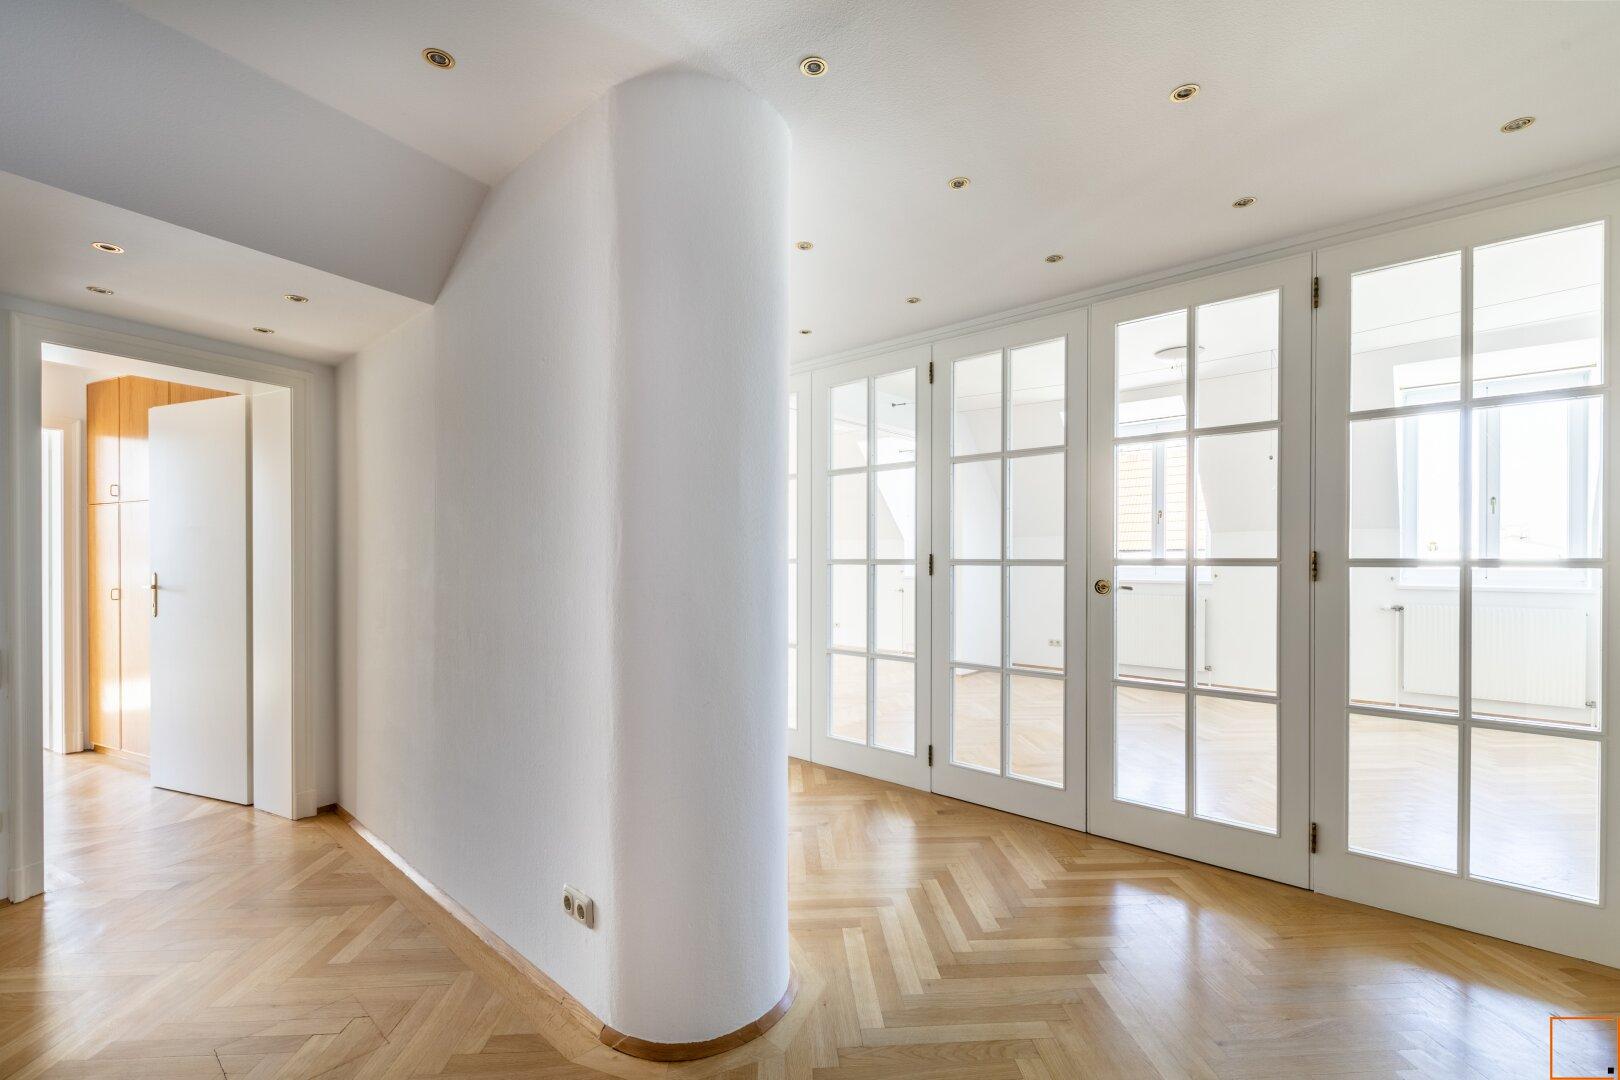 Blick vom Vorraum zu Glastüren Wohnzimmer